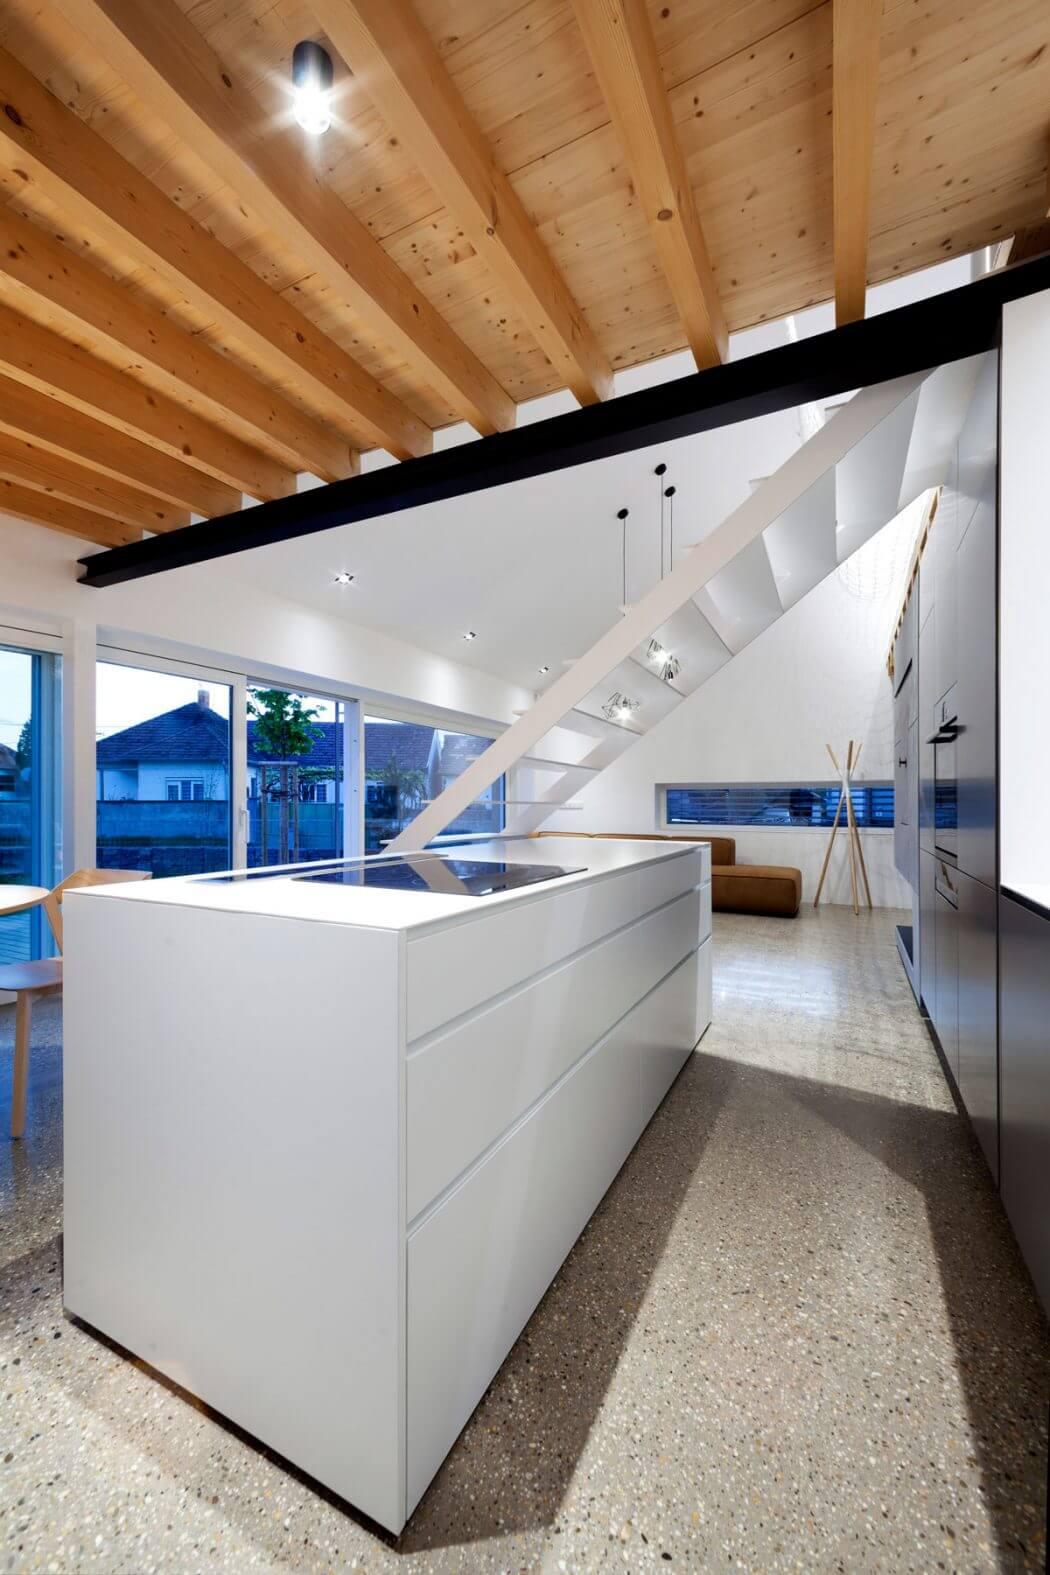 010-residence-vek-ercel-vec-design-1050x1575